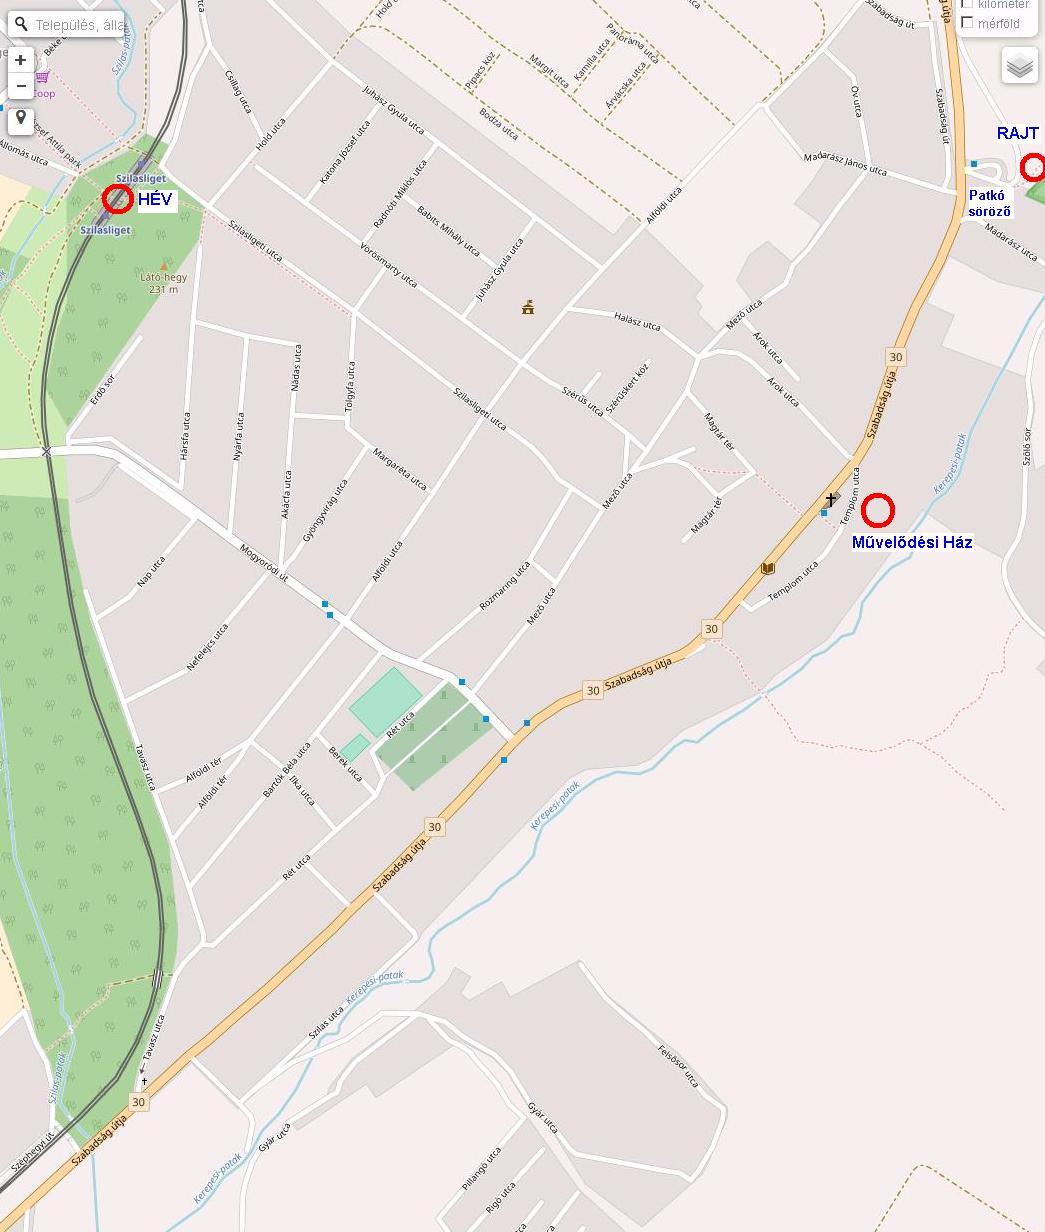 kerepes térkép Futapest Kerepes terepfutás kerepes térkép